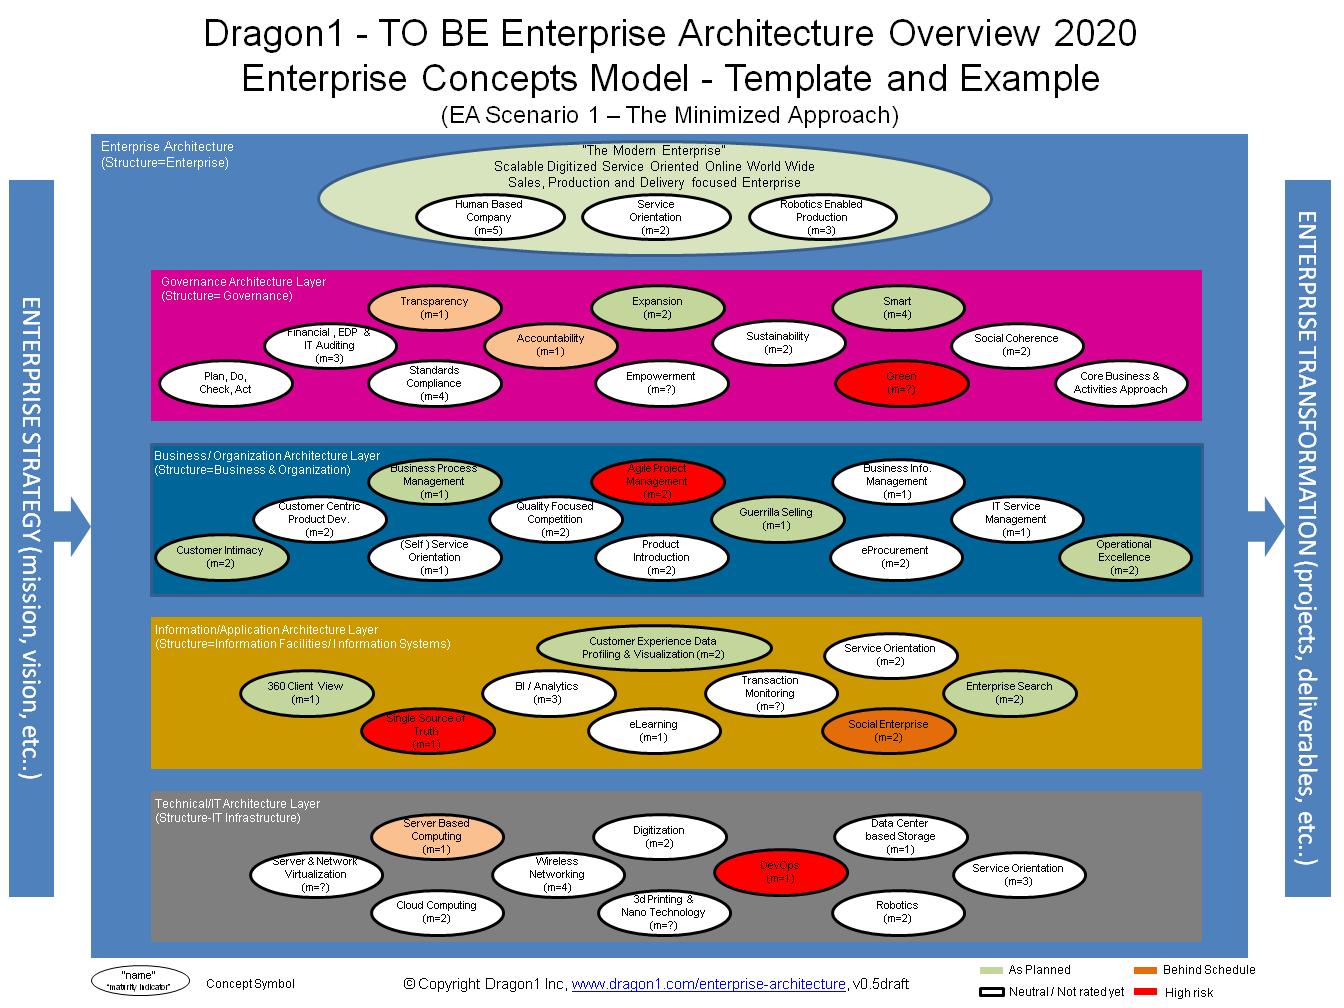 Enterprise Architecture Blueprint Dragon1